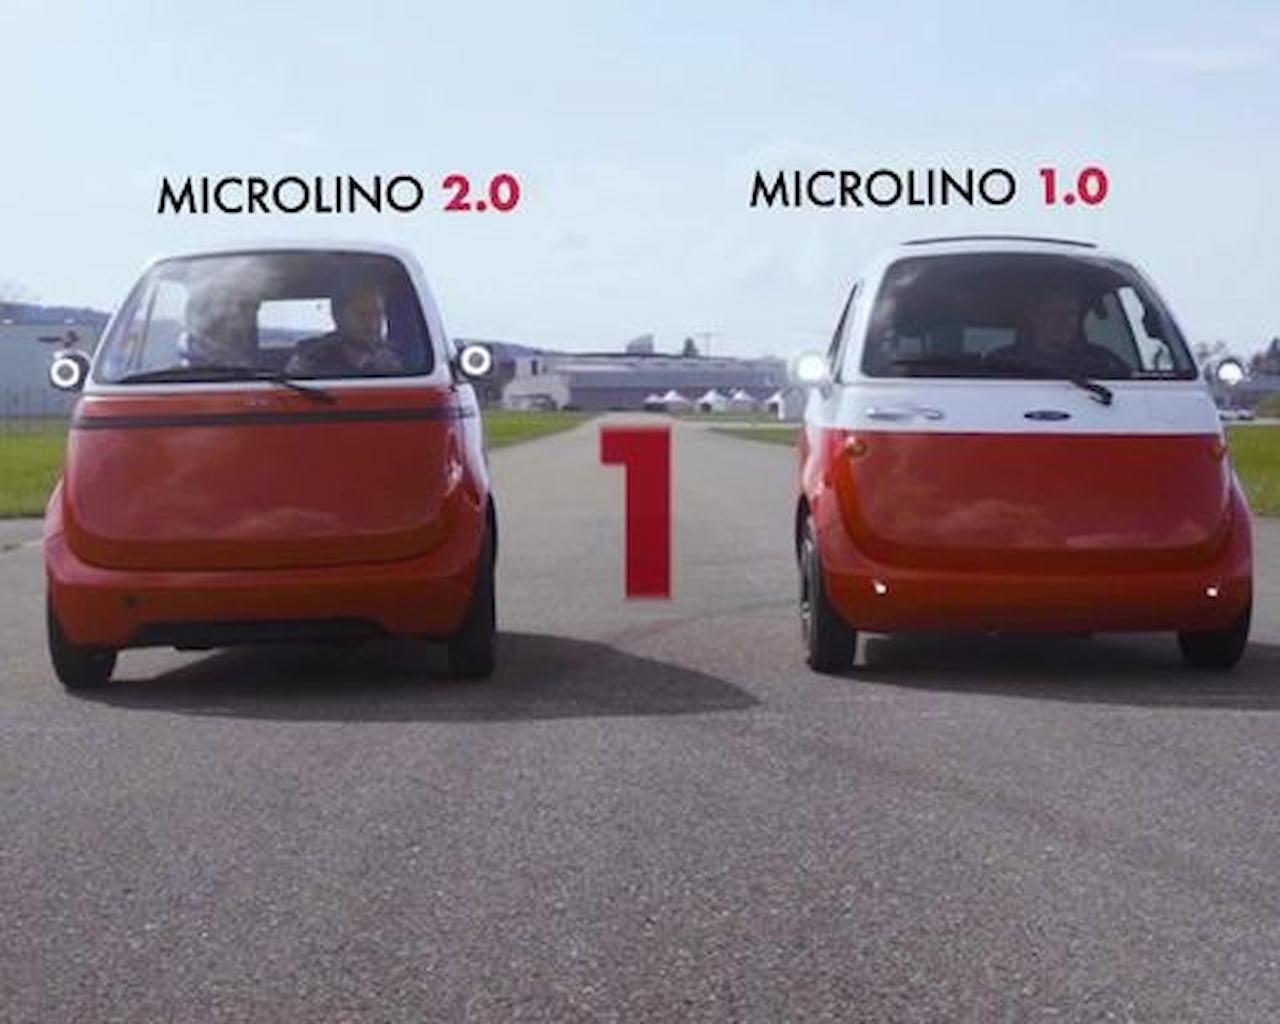 Microlino 2.0 vs. Microlino 1.0 front